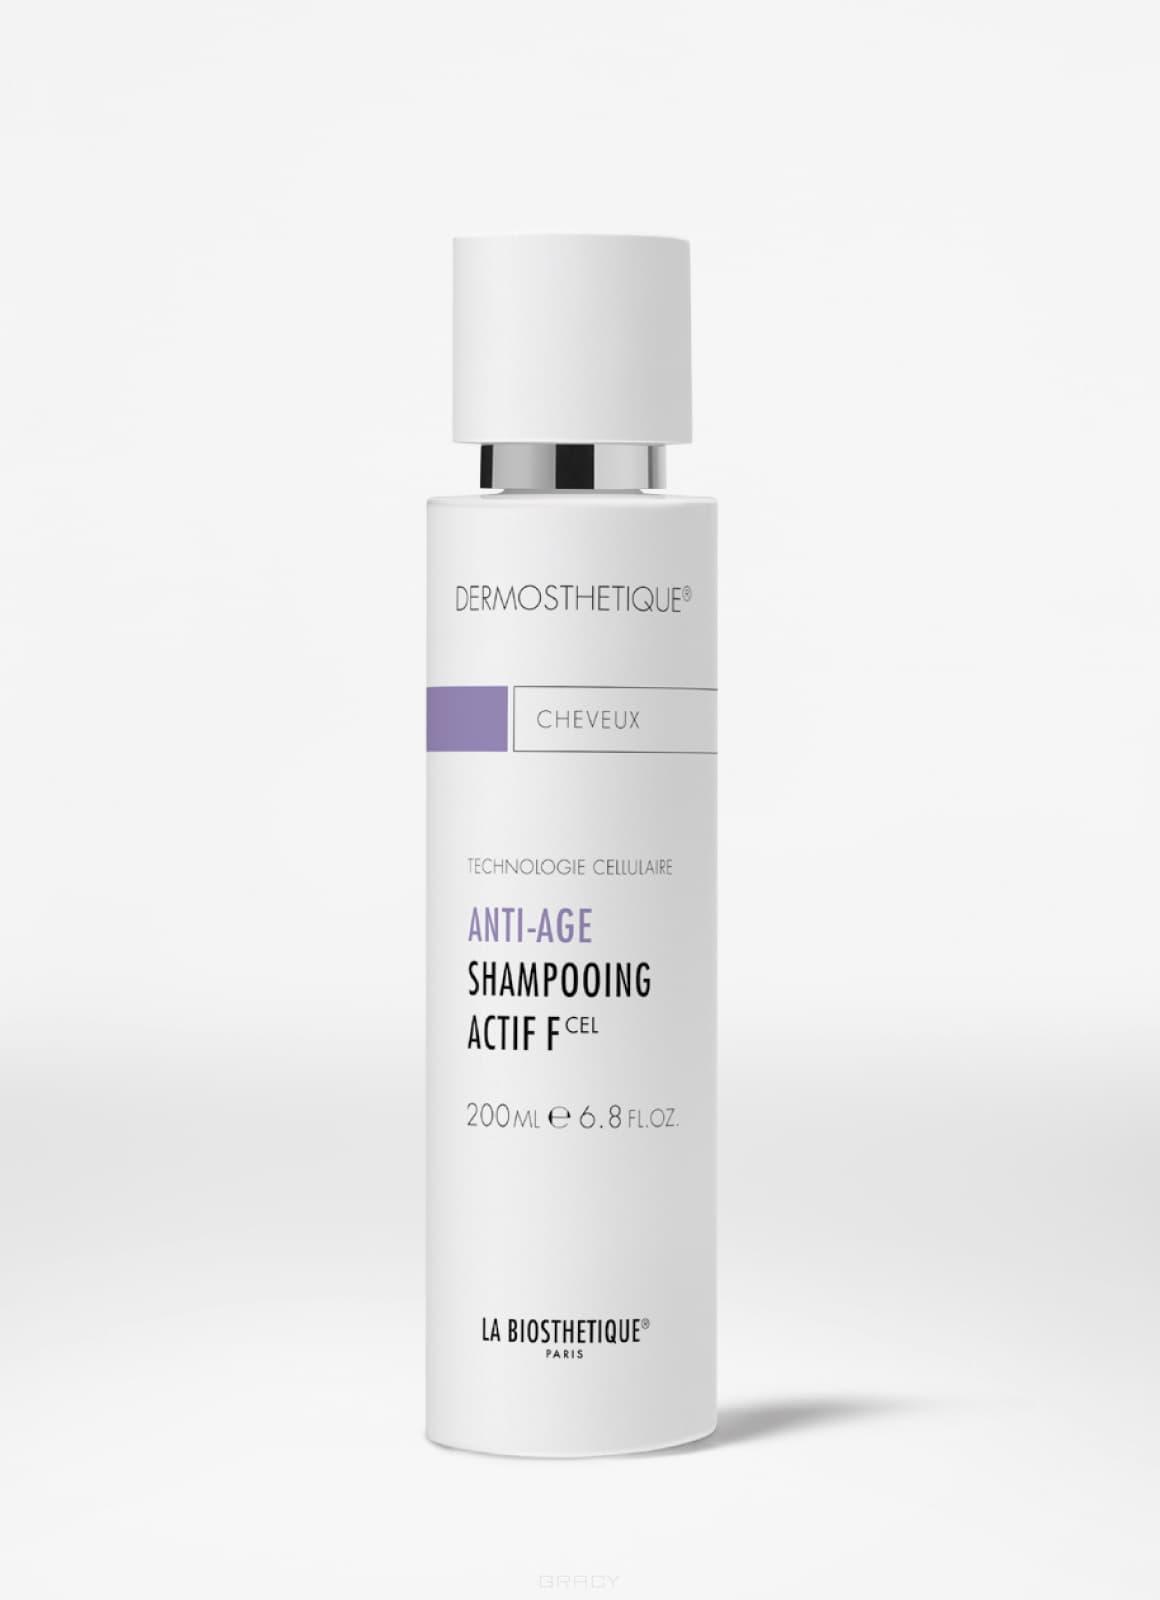 La Biosthetique - Шампунь клеточно-активный для тонких волос Dermosthetique Anti-Age Shampooing Actif F